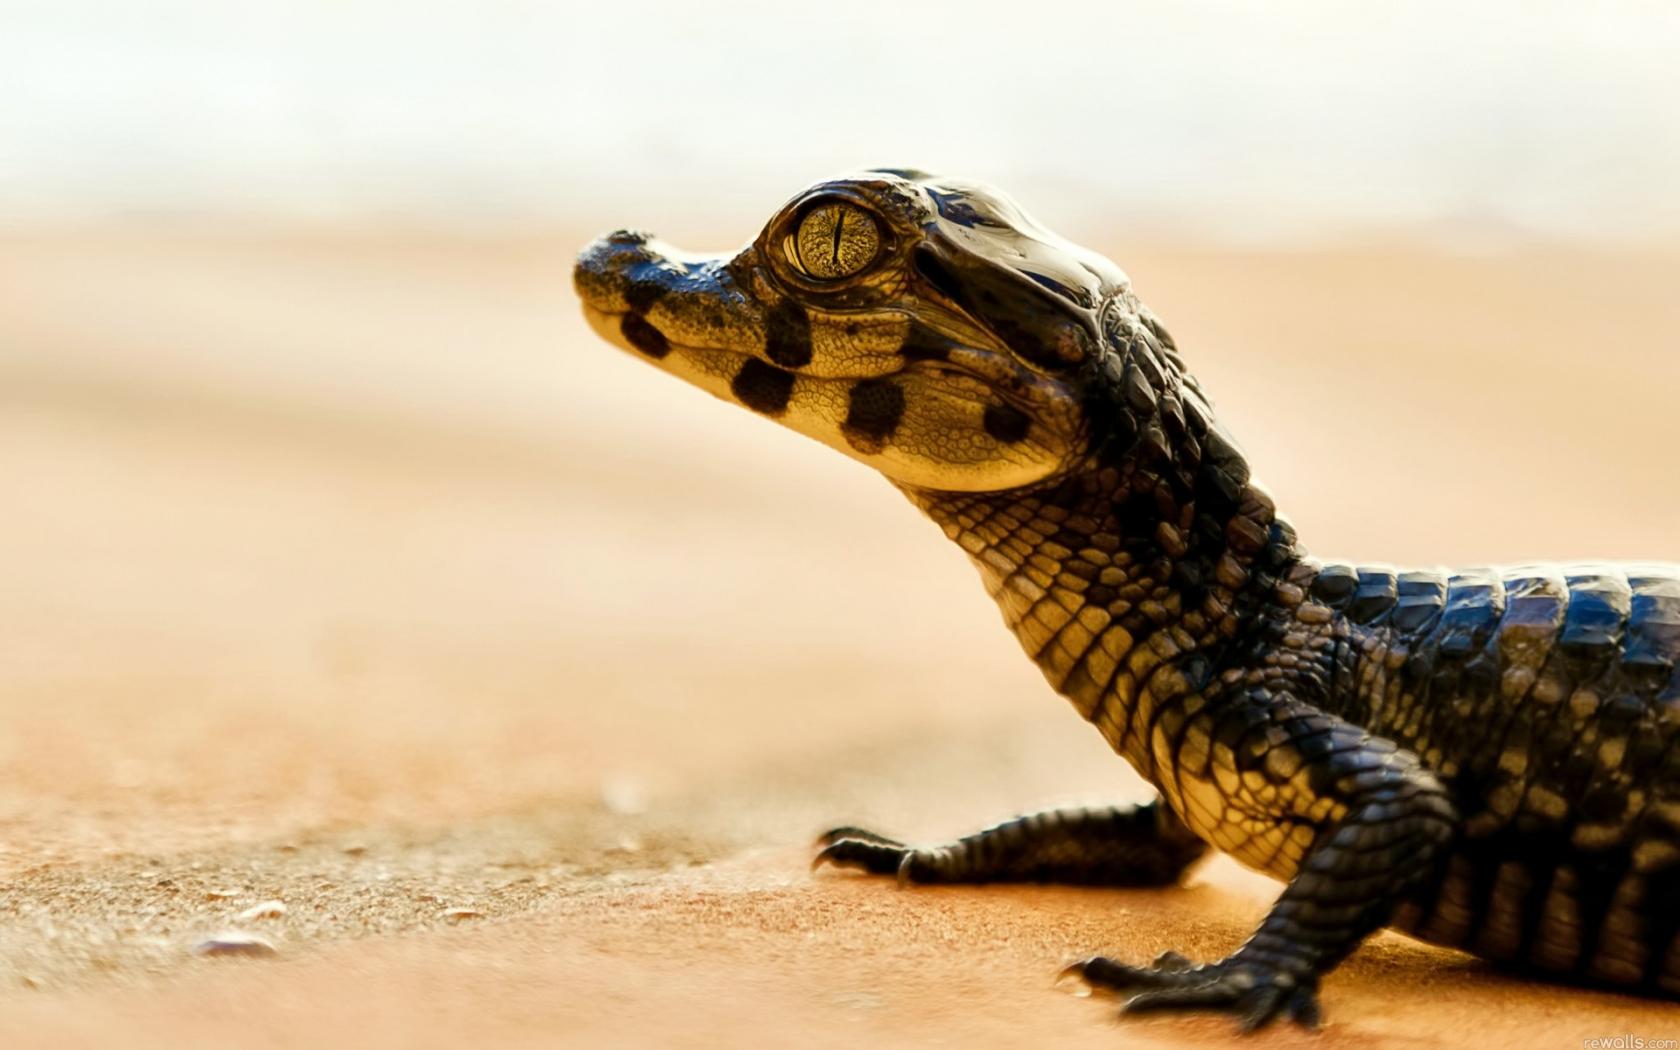 Un pequeño caimán - 1680x1050